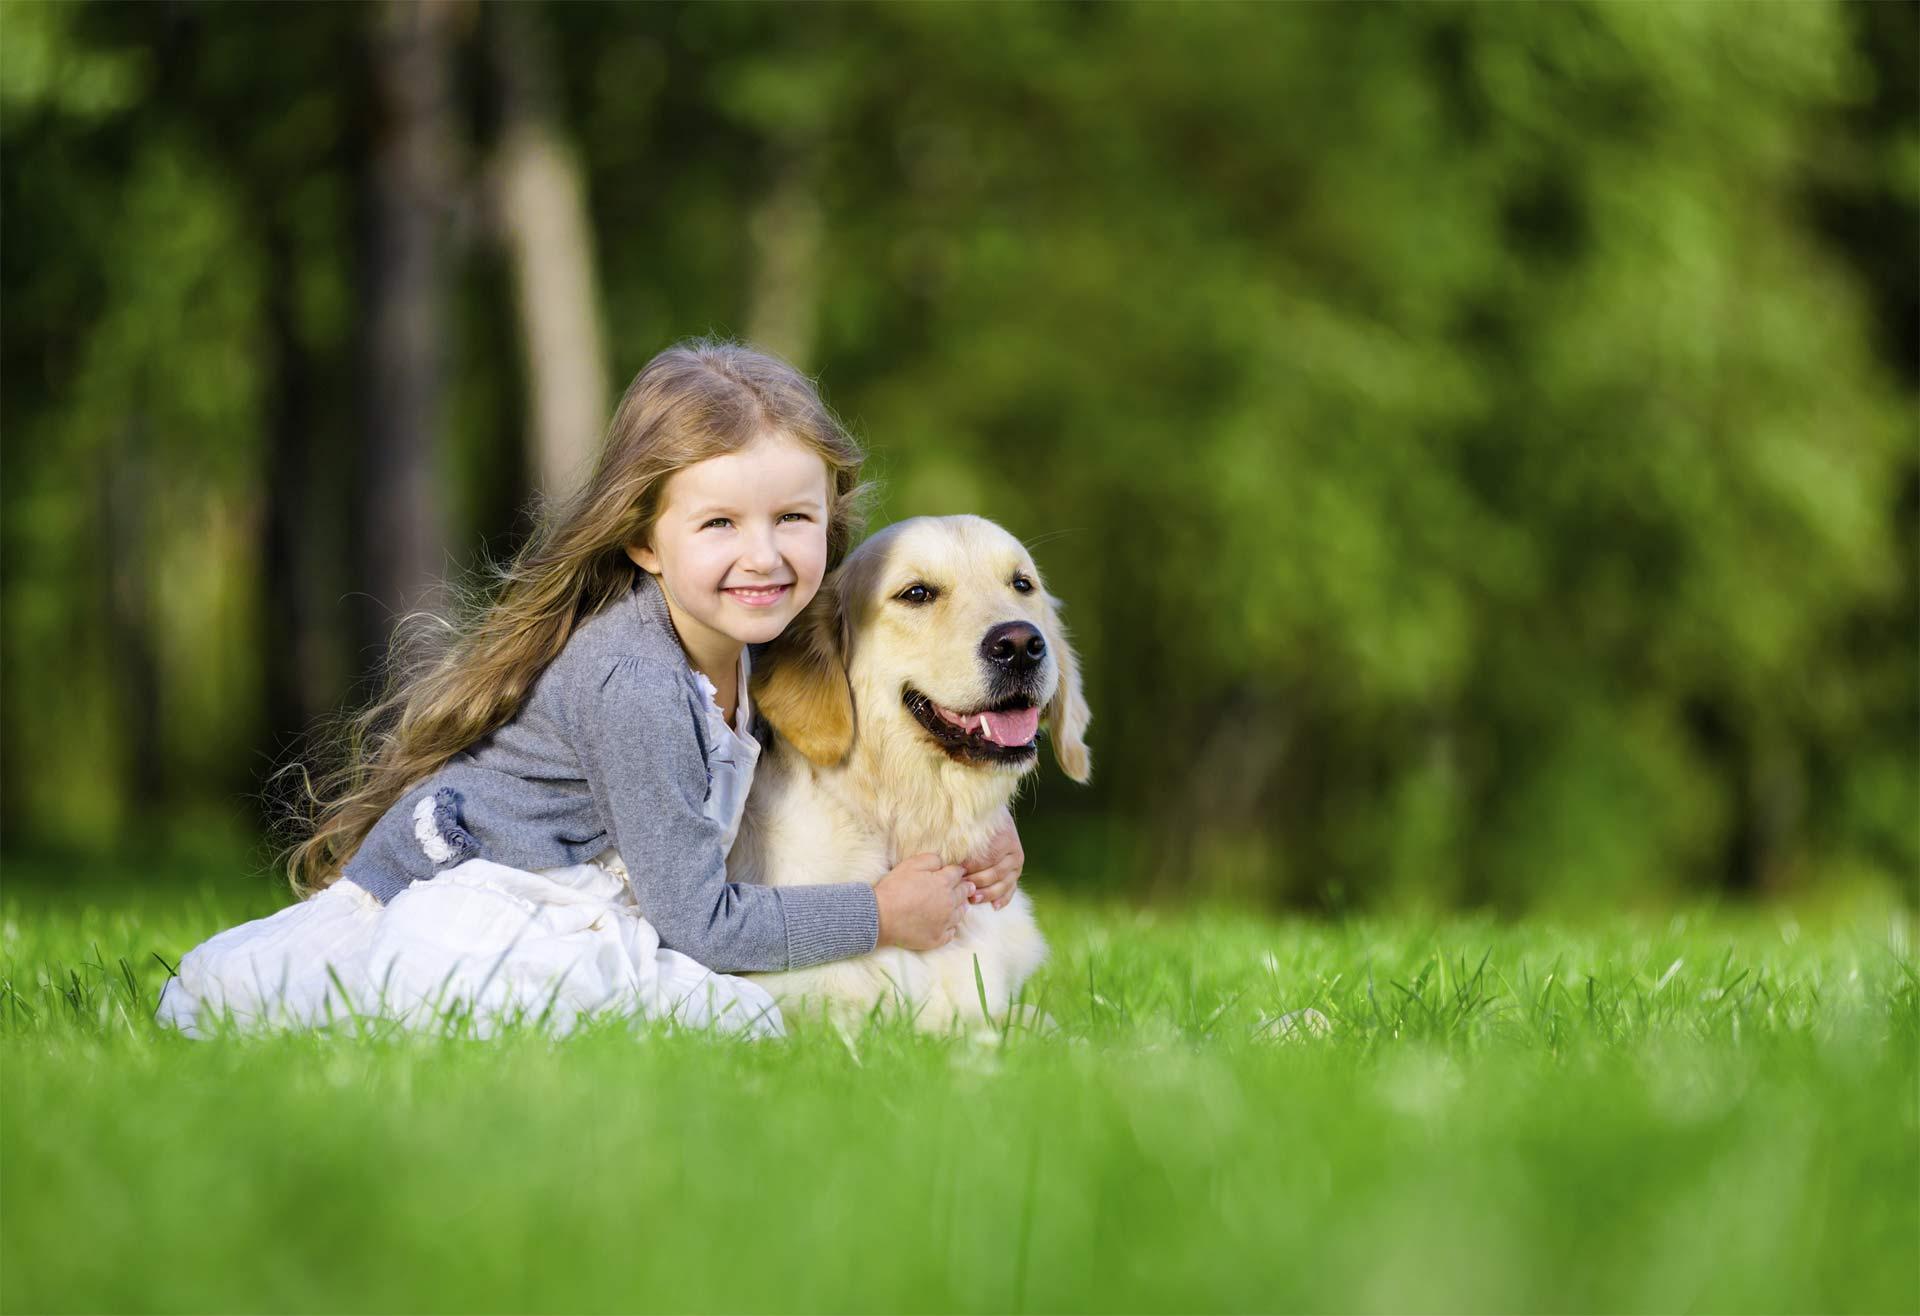 Los canes con energía más baja, sin importar la raza, suelen interactuar mejor con los niños, ya que son más pacientes